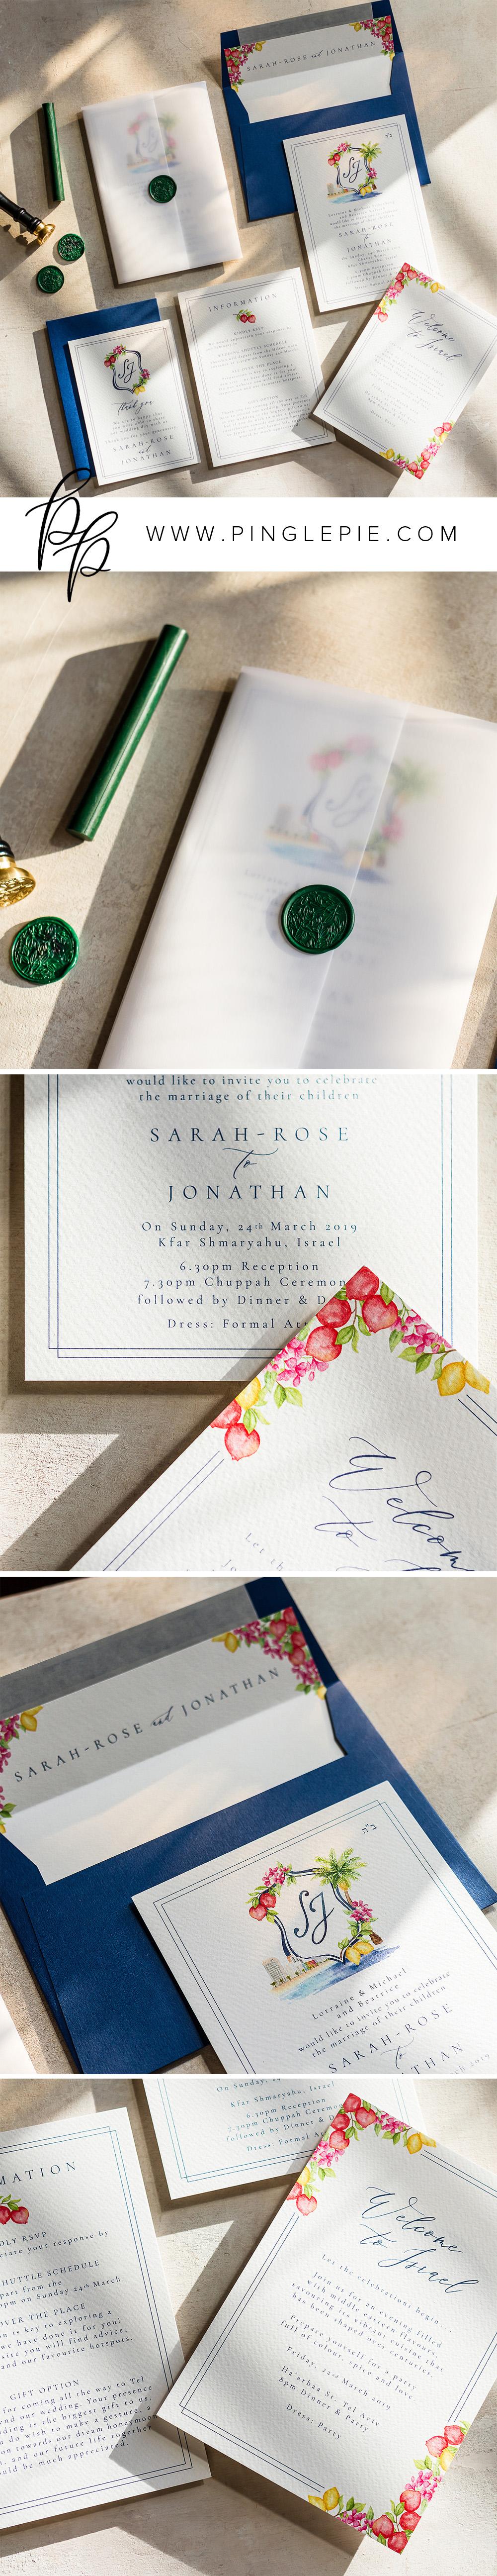 Sarah-Rose & Jonathan Custom Design.jpg